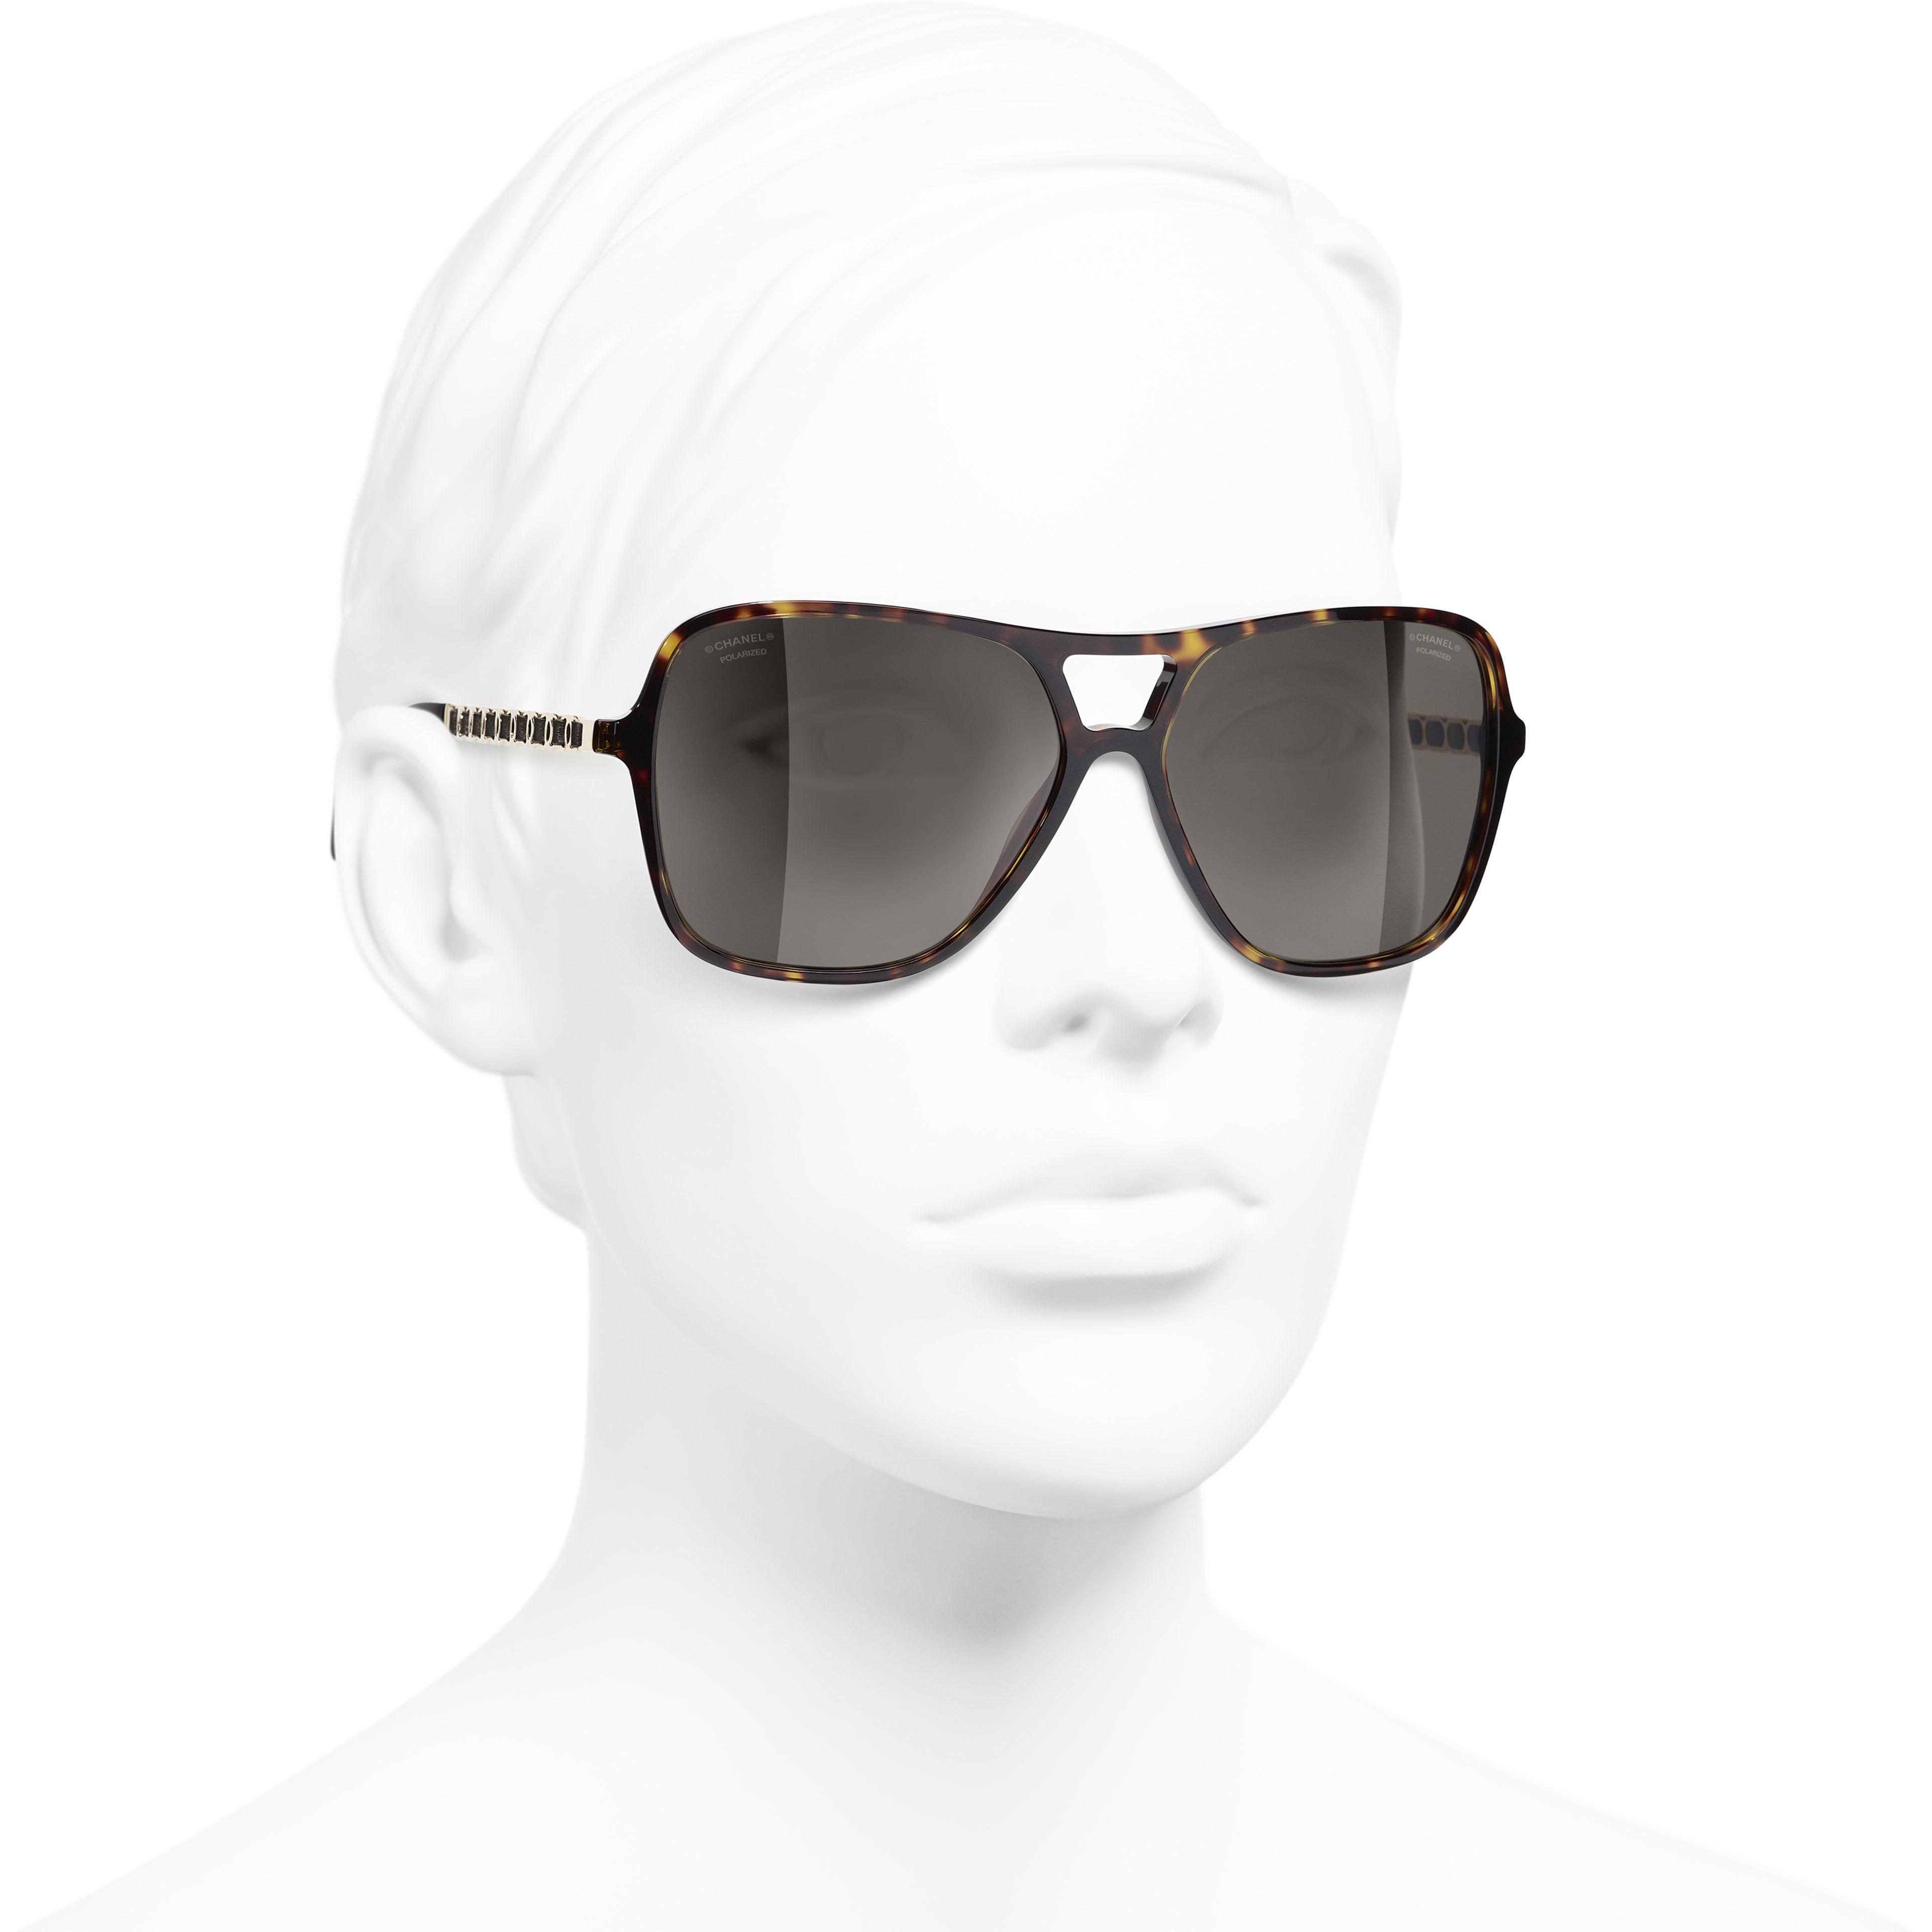 Occhiali  modello pilota da sole - Tartaruga scuro - Metallo & pelle - CHANEL - Immagine 3/4 articolo indossato - vedere versione standard